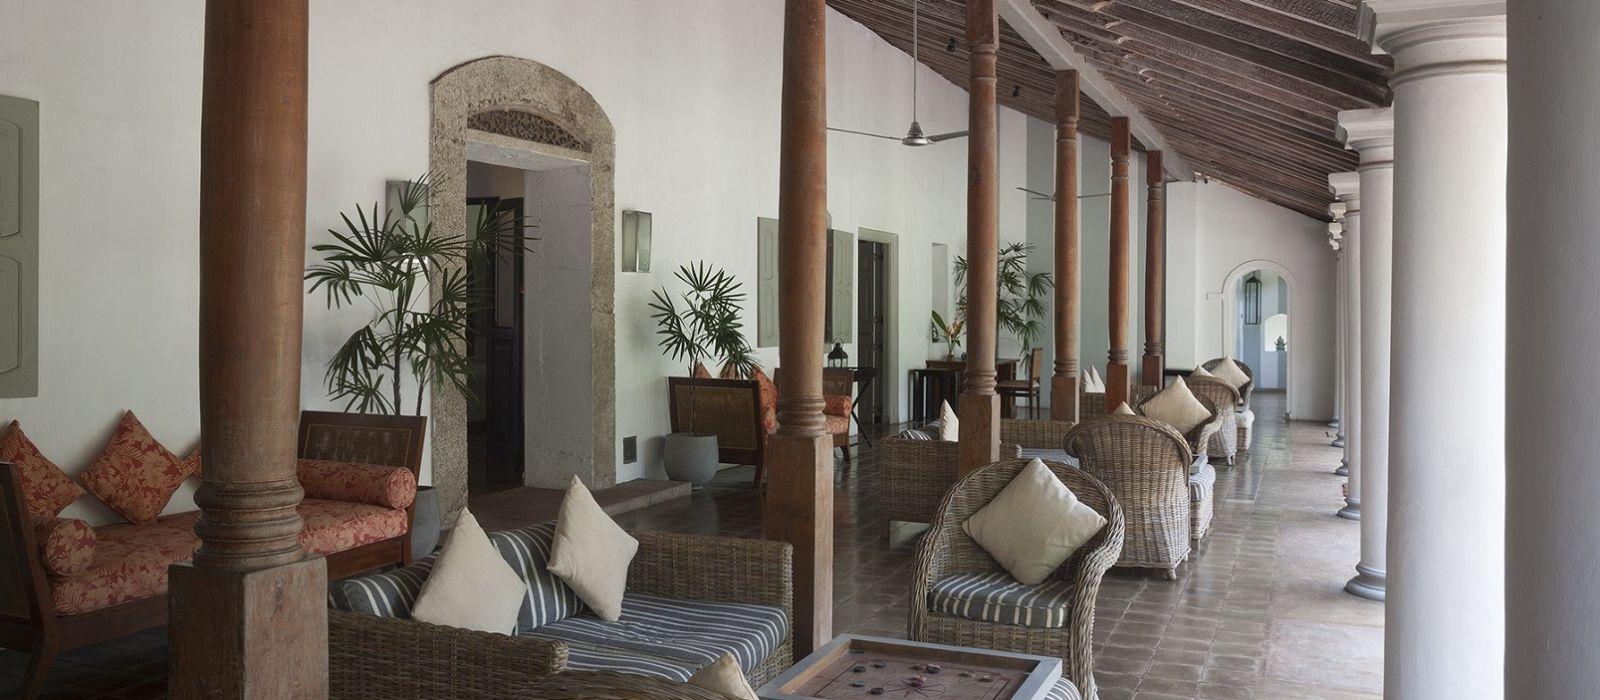 Hotel The Wallawwa Sri Lanka